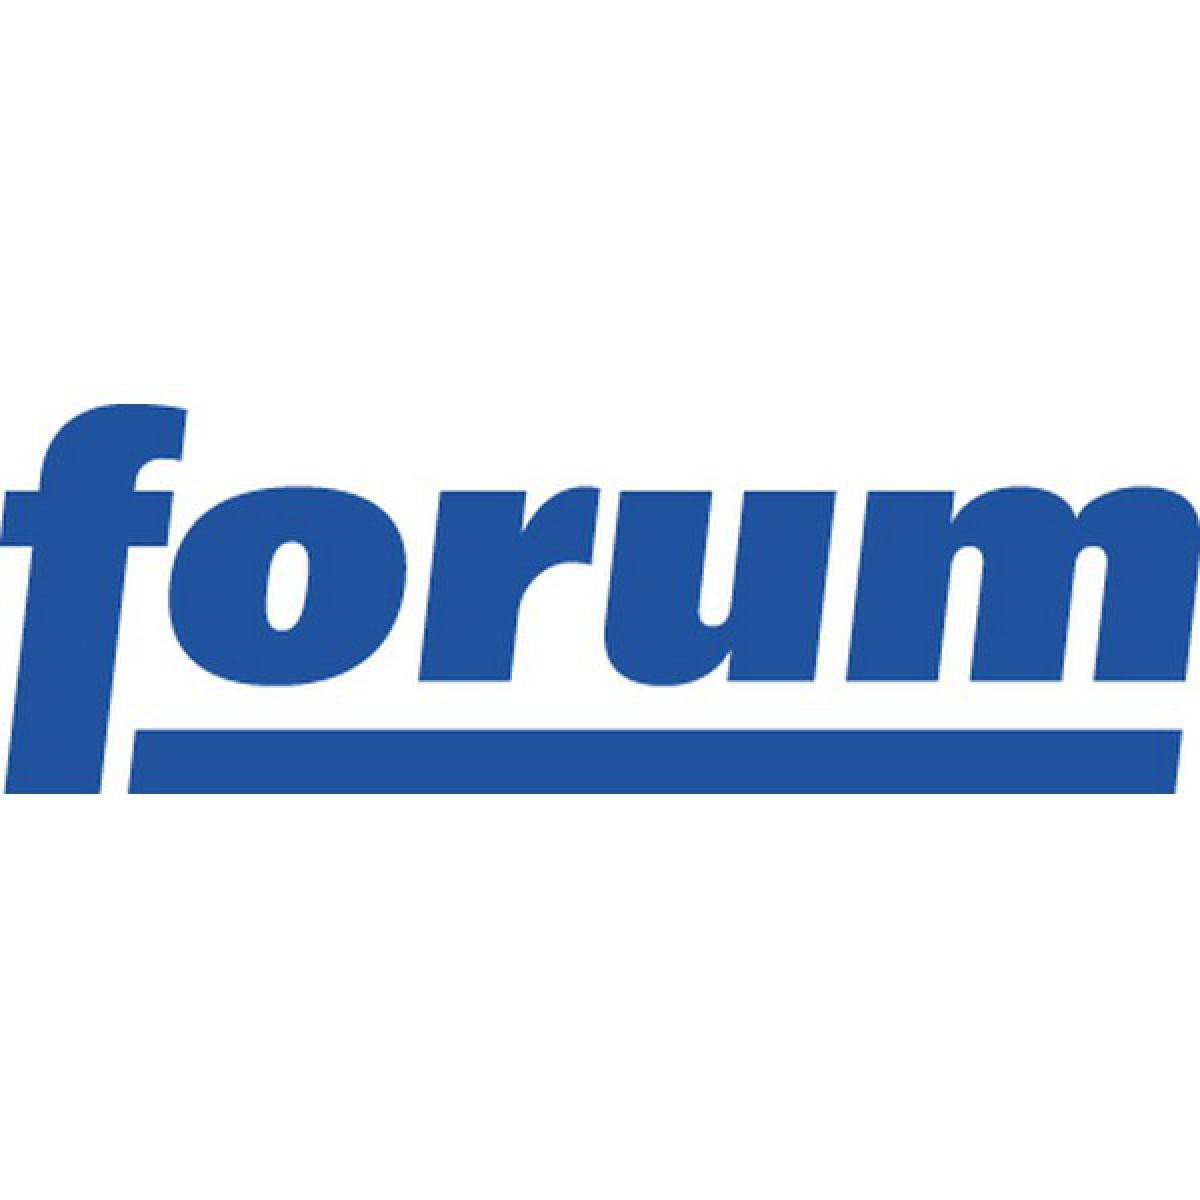 Forum Lame de rechange, pour scie japonaise Ryoba, longueur de lame 240 mm, Épaisseur de lame 0,5 mm